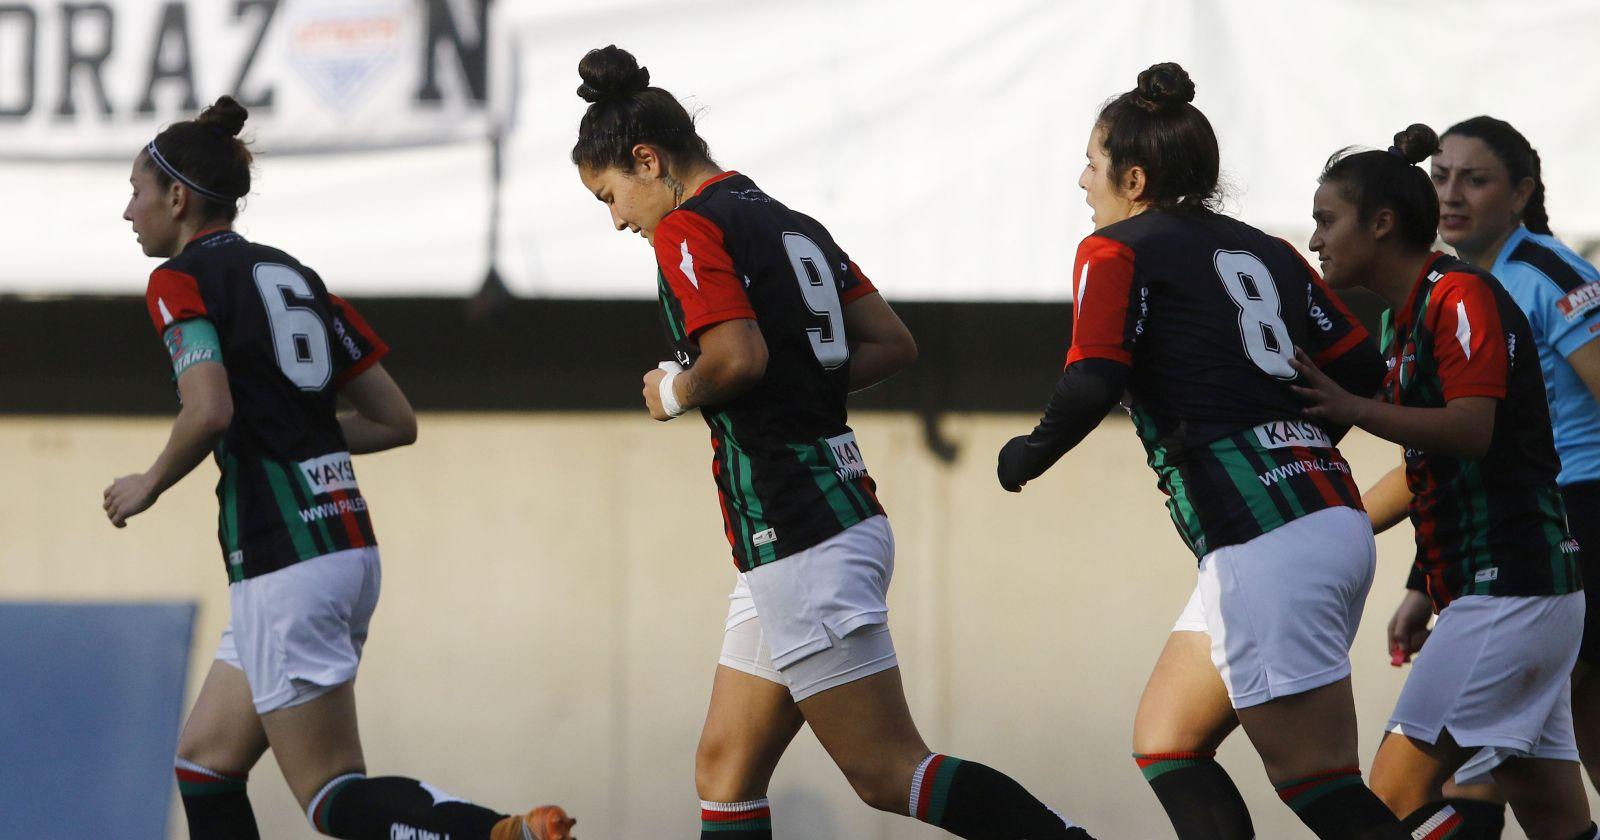 Ministra del Deporte respalda a jugadoras de Palestino tras denuncias contra kinesiólogo